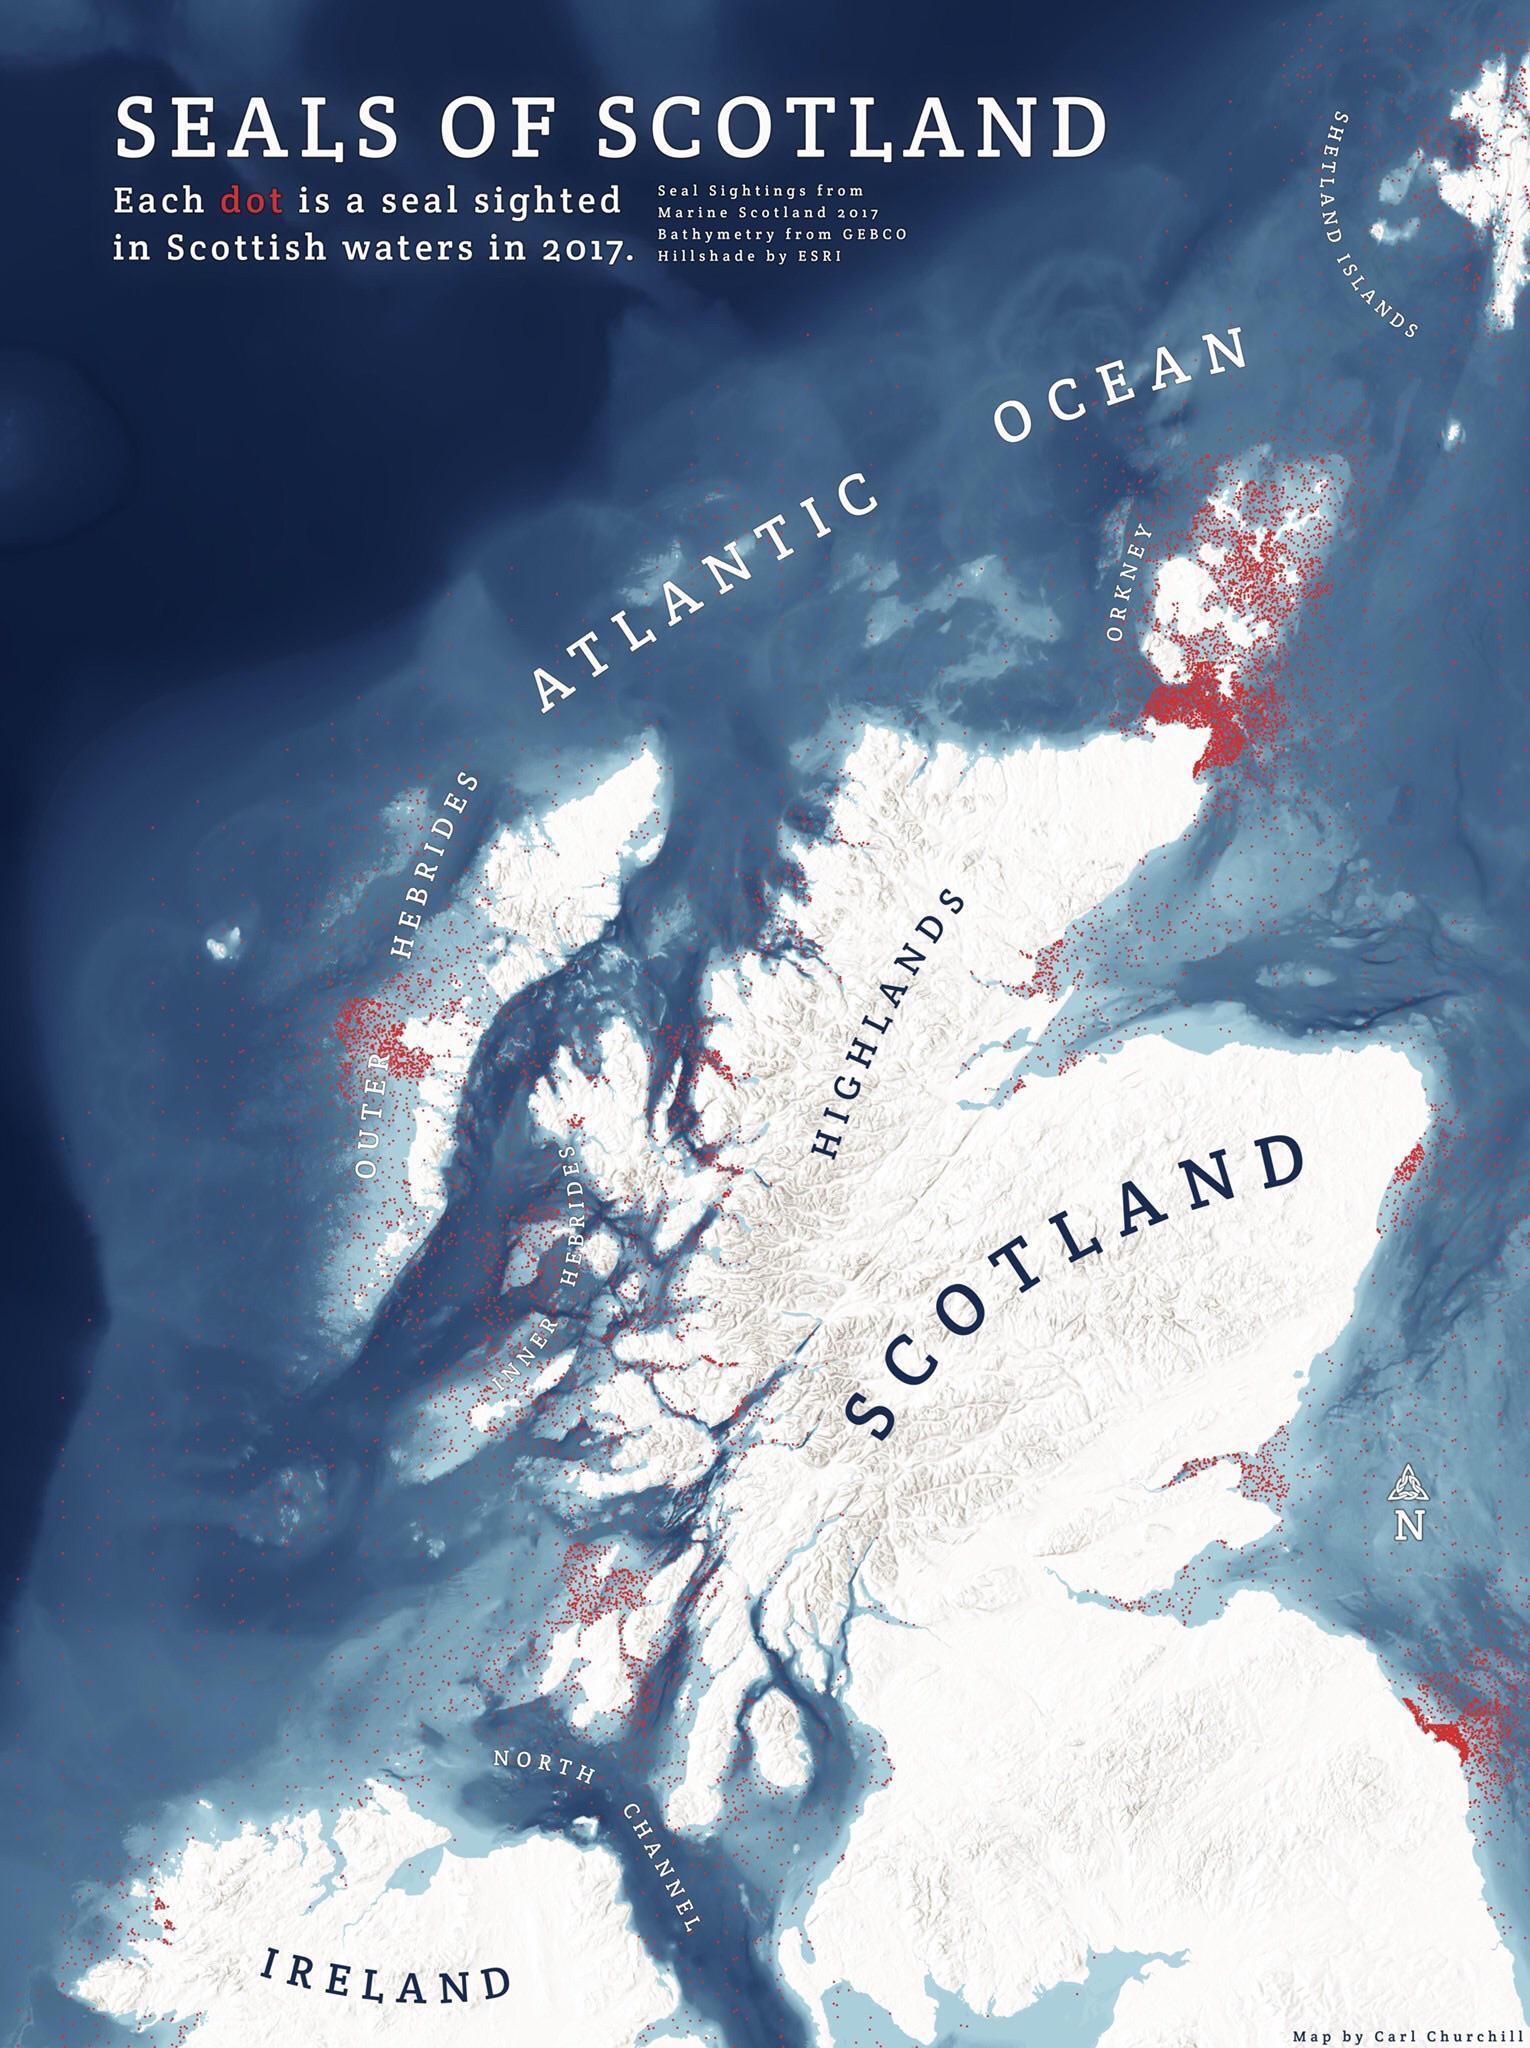 seals of Scotland map